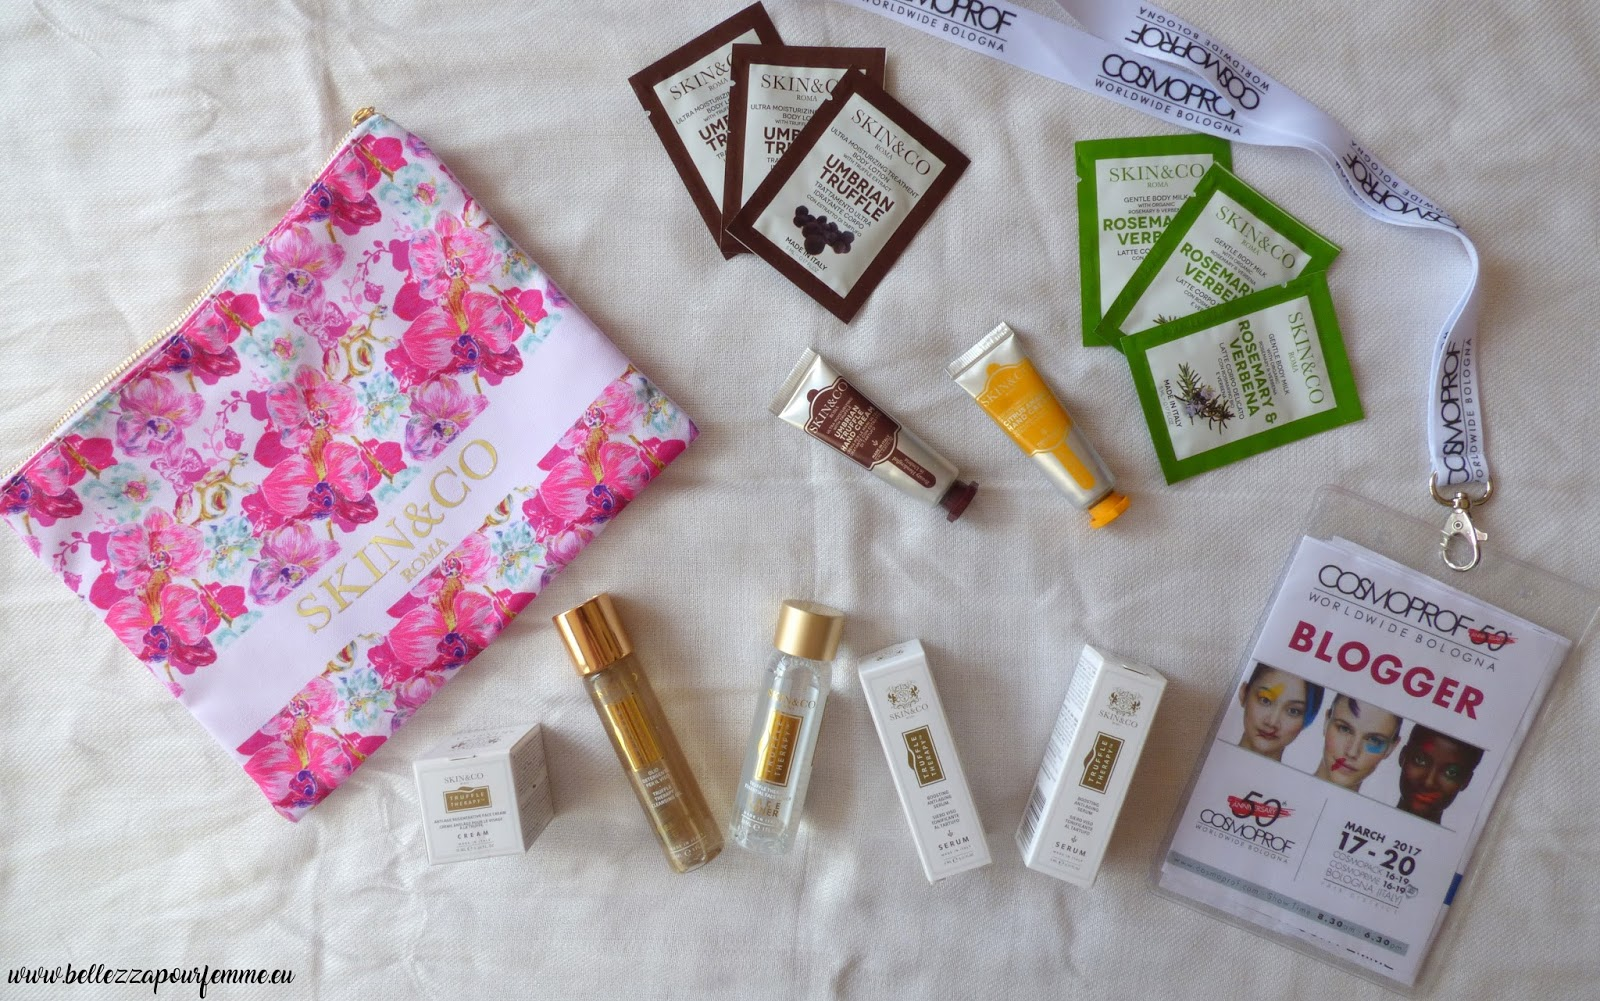 Il perfetto beauty case per bagaglio a mano firmato Skin&Go